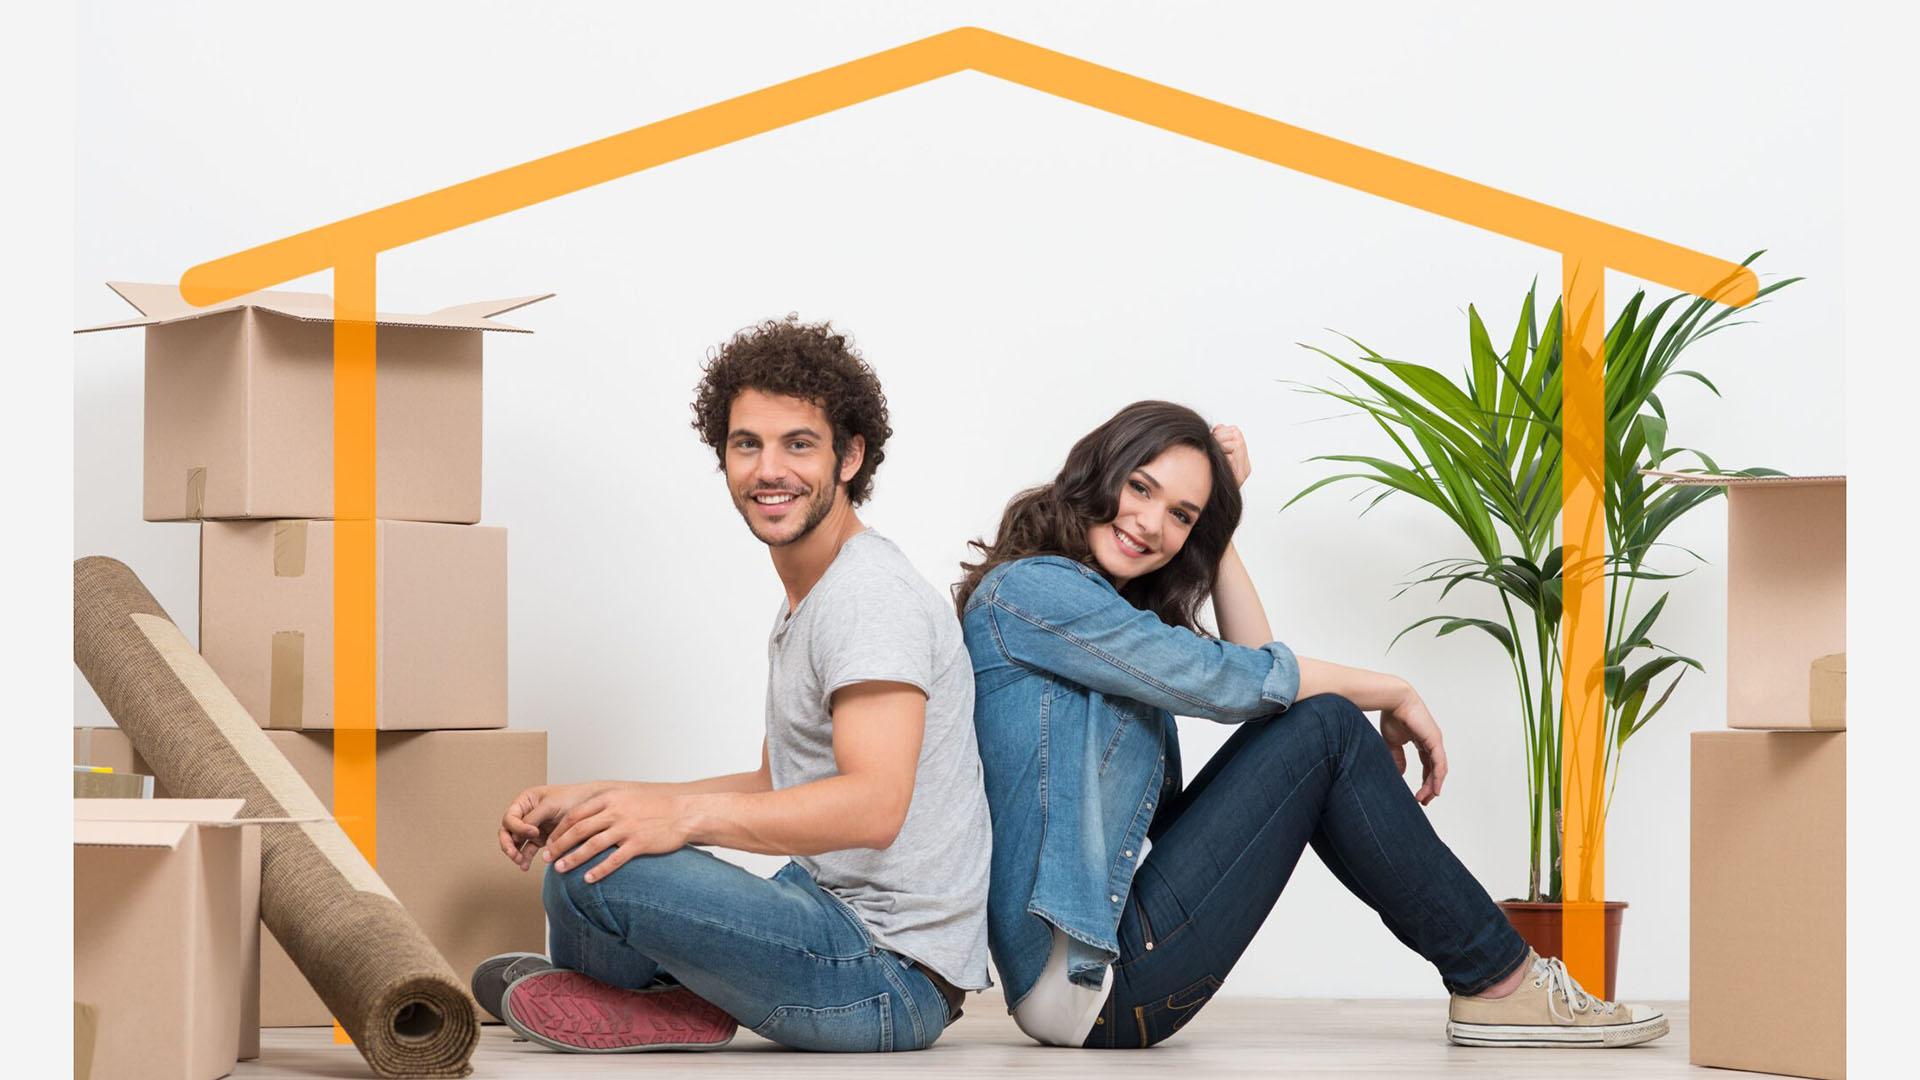 Кредитование для покупки готового жилья. Ипотека.